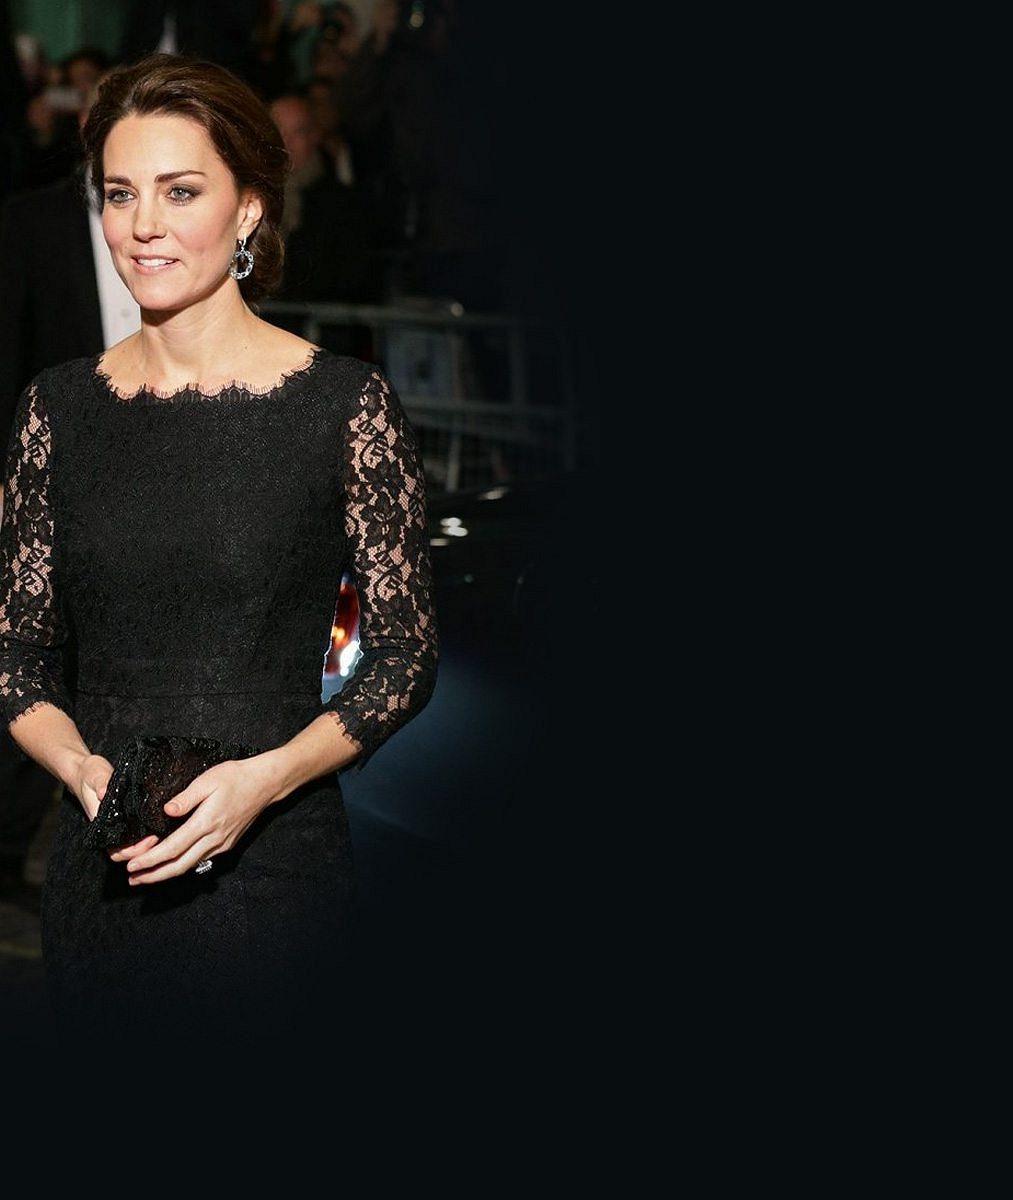 Vévodkyně Kate těhotenstvím ještě více zkrásněla: V šatech z černé krajky byla hvězdou večera